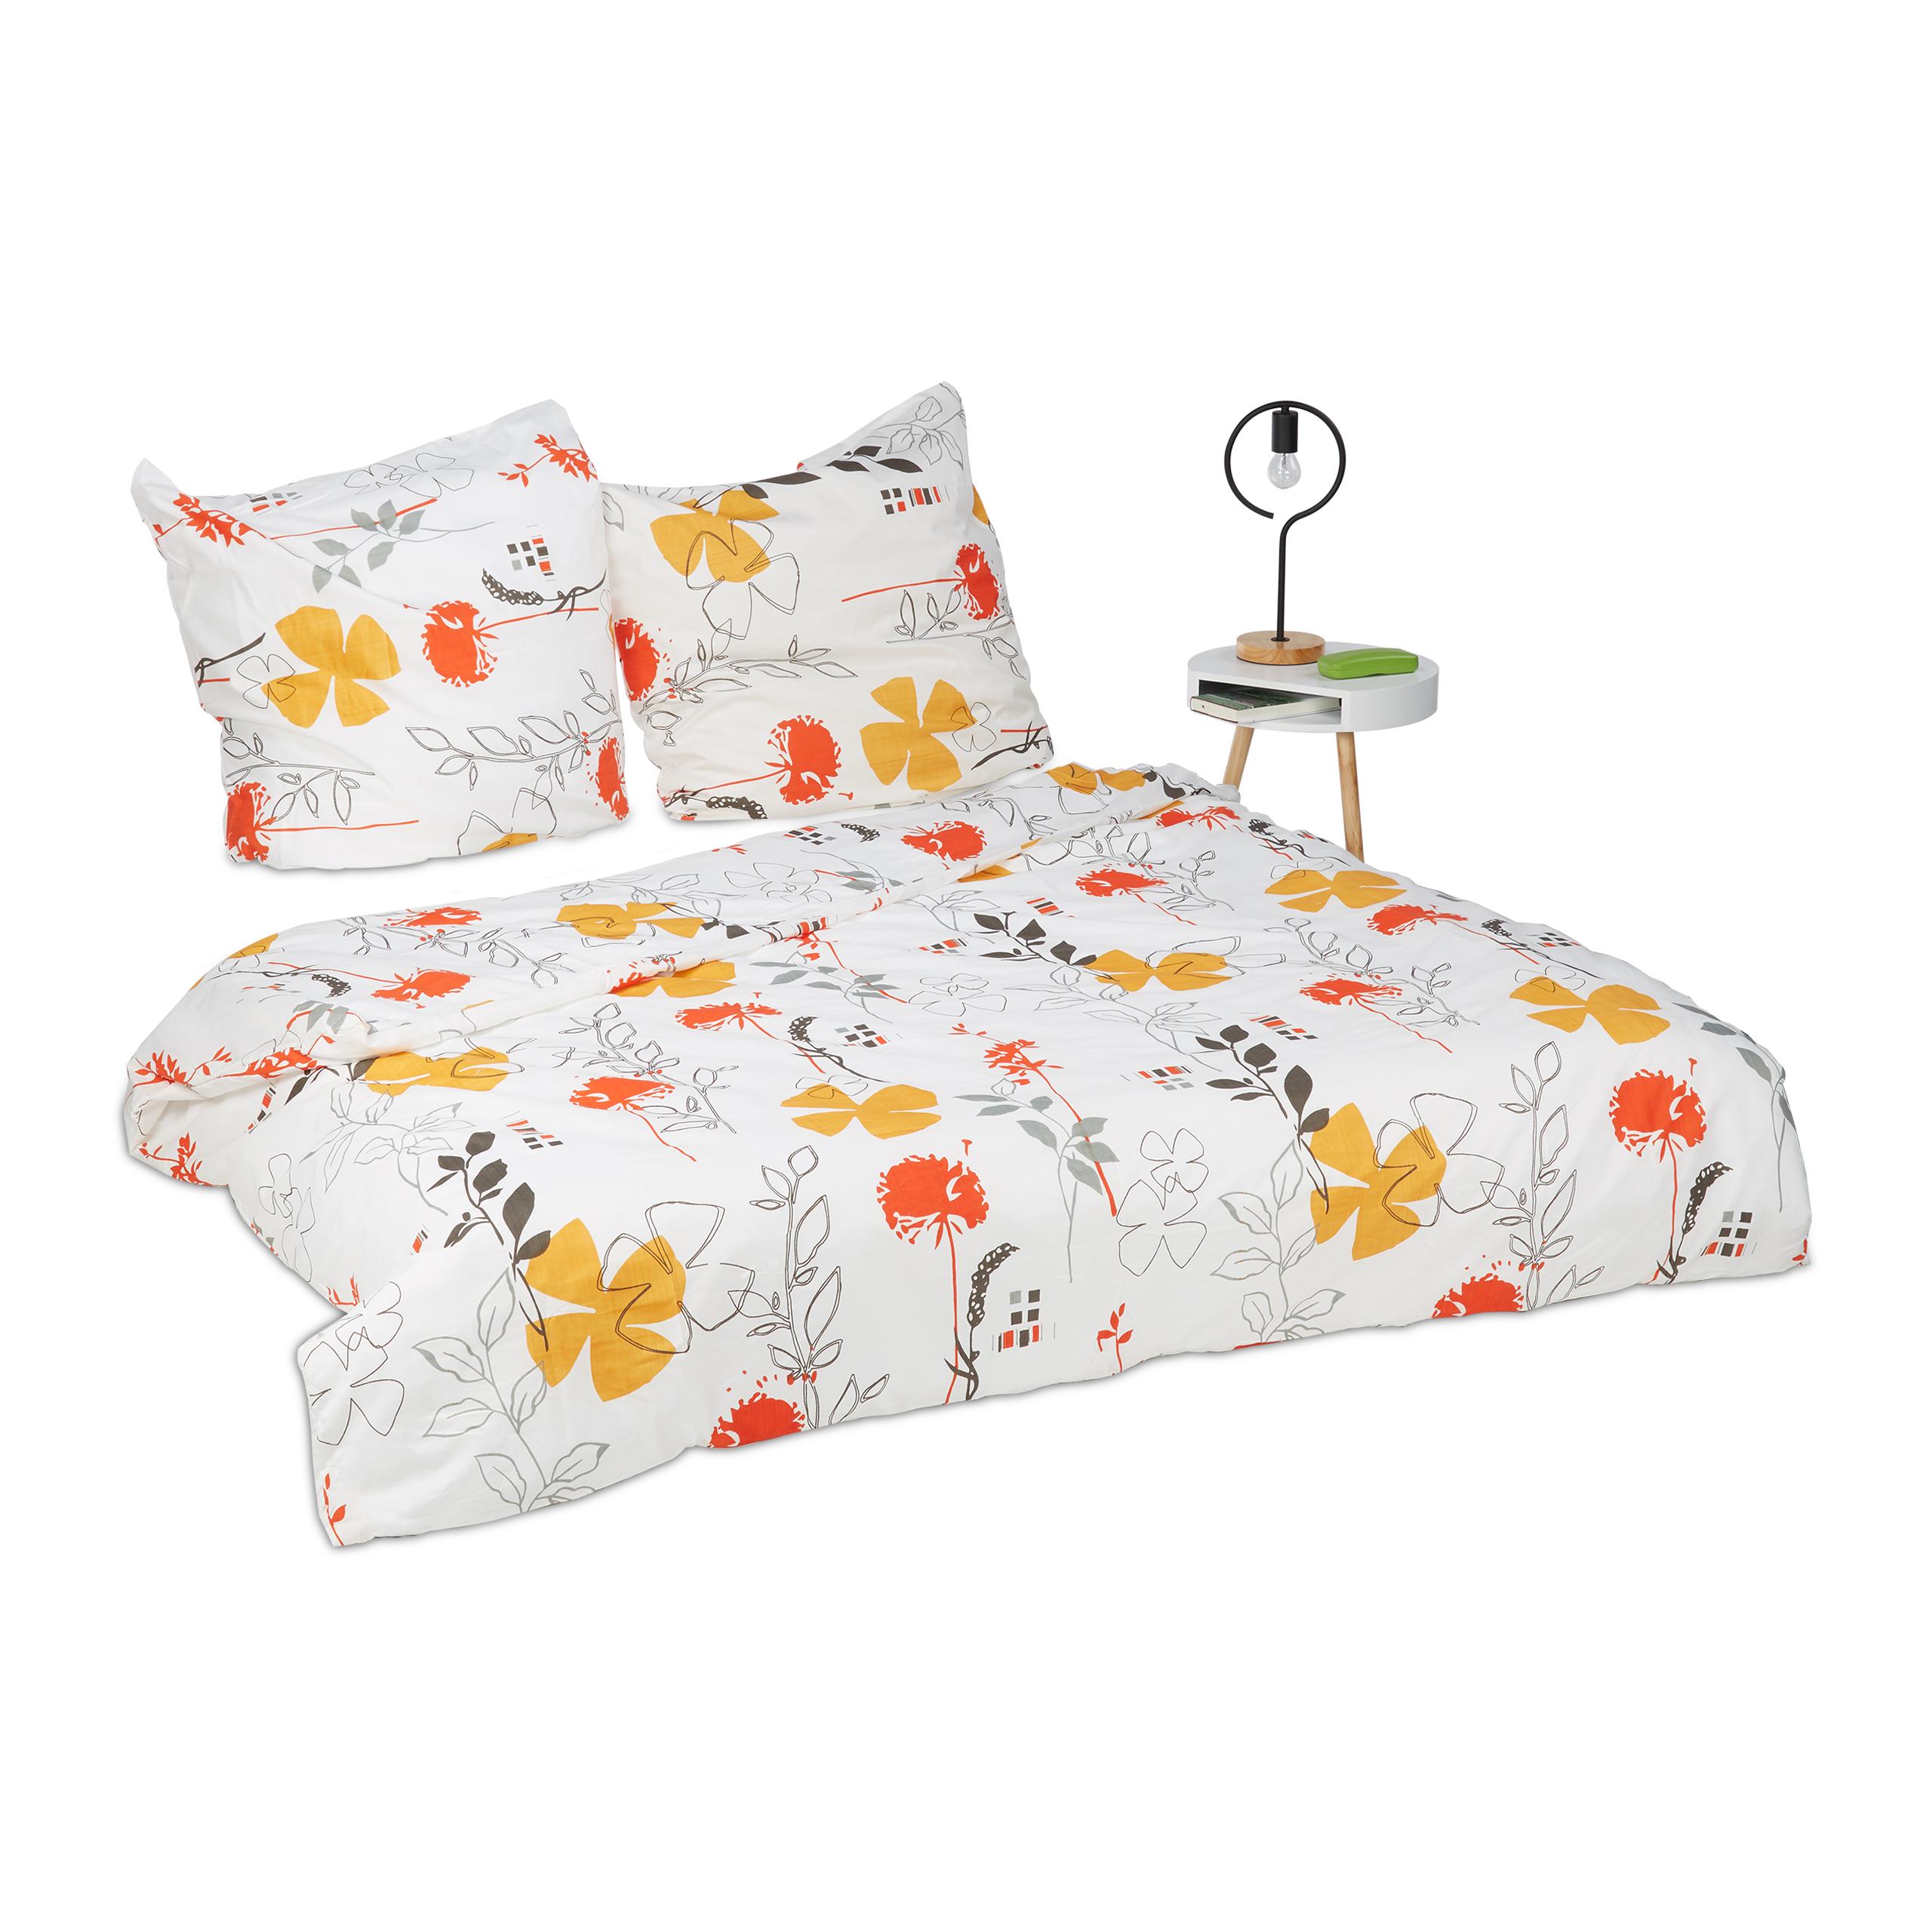 Bedlinen-Floral-Design-Bedding-Set-Flower-Pillowcase-and-Duvet-Cover